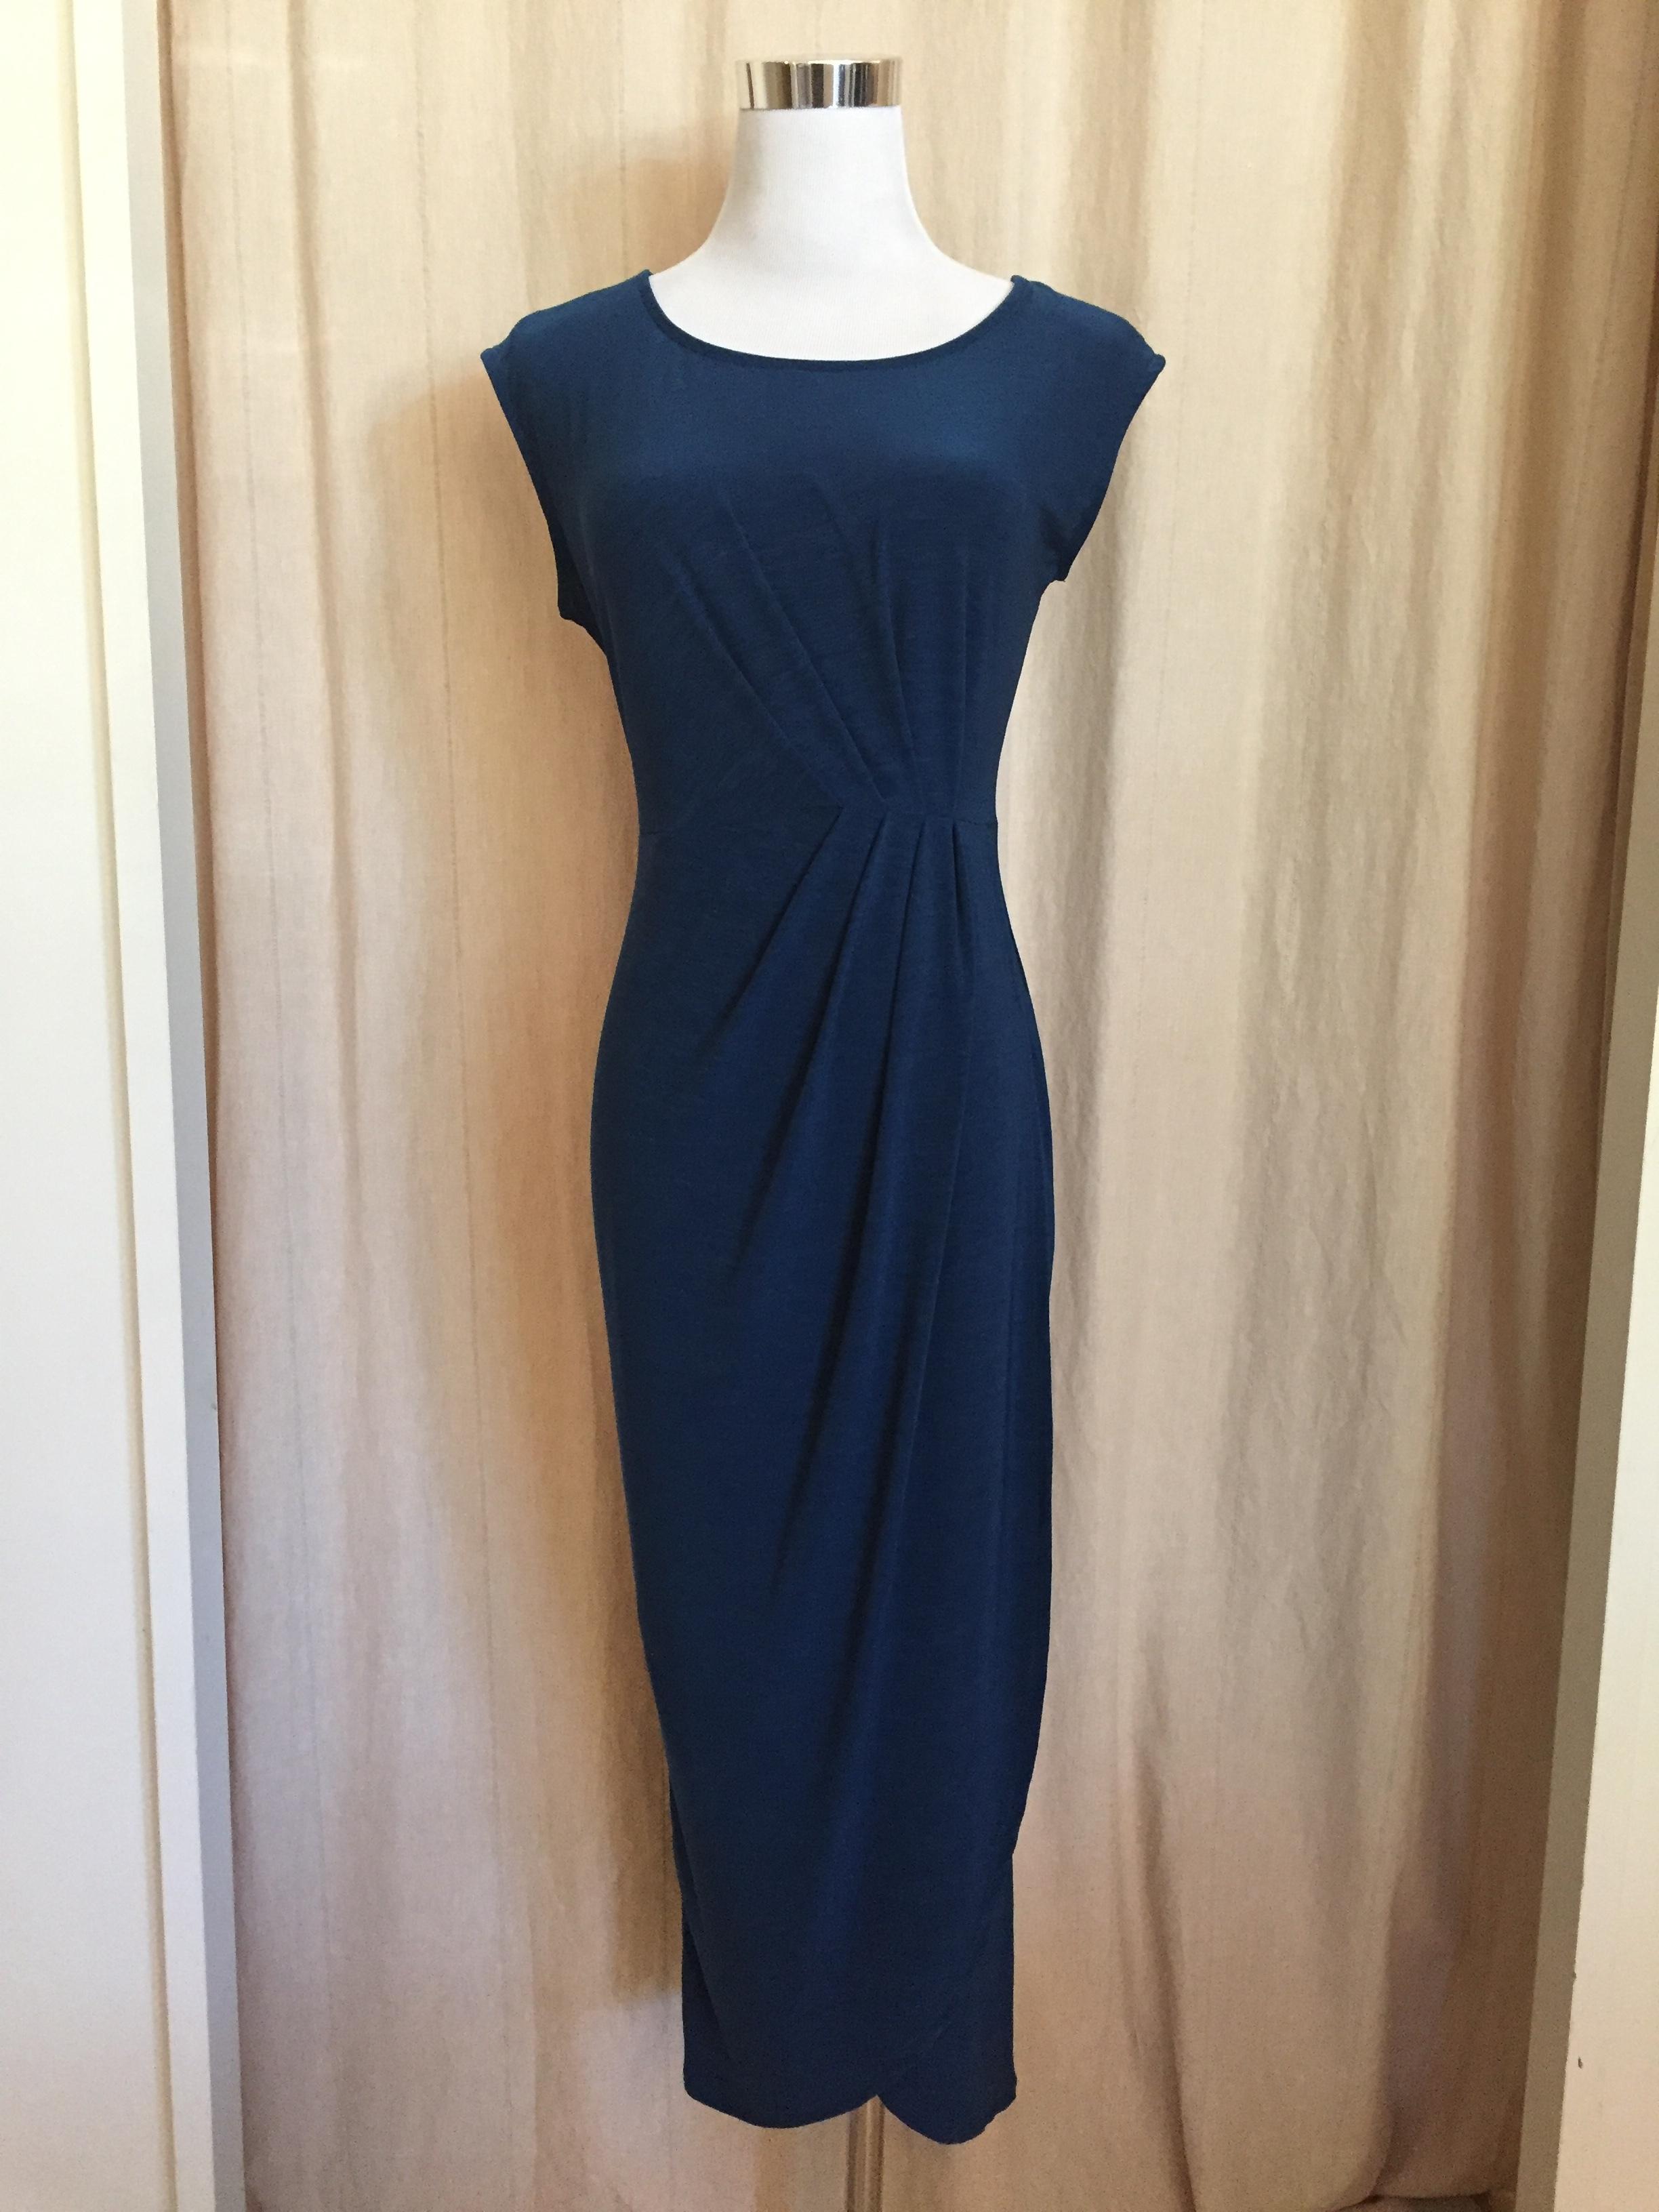 Elegant Pleated Dress, $42